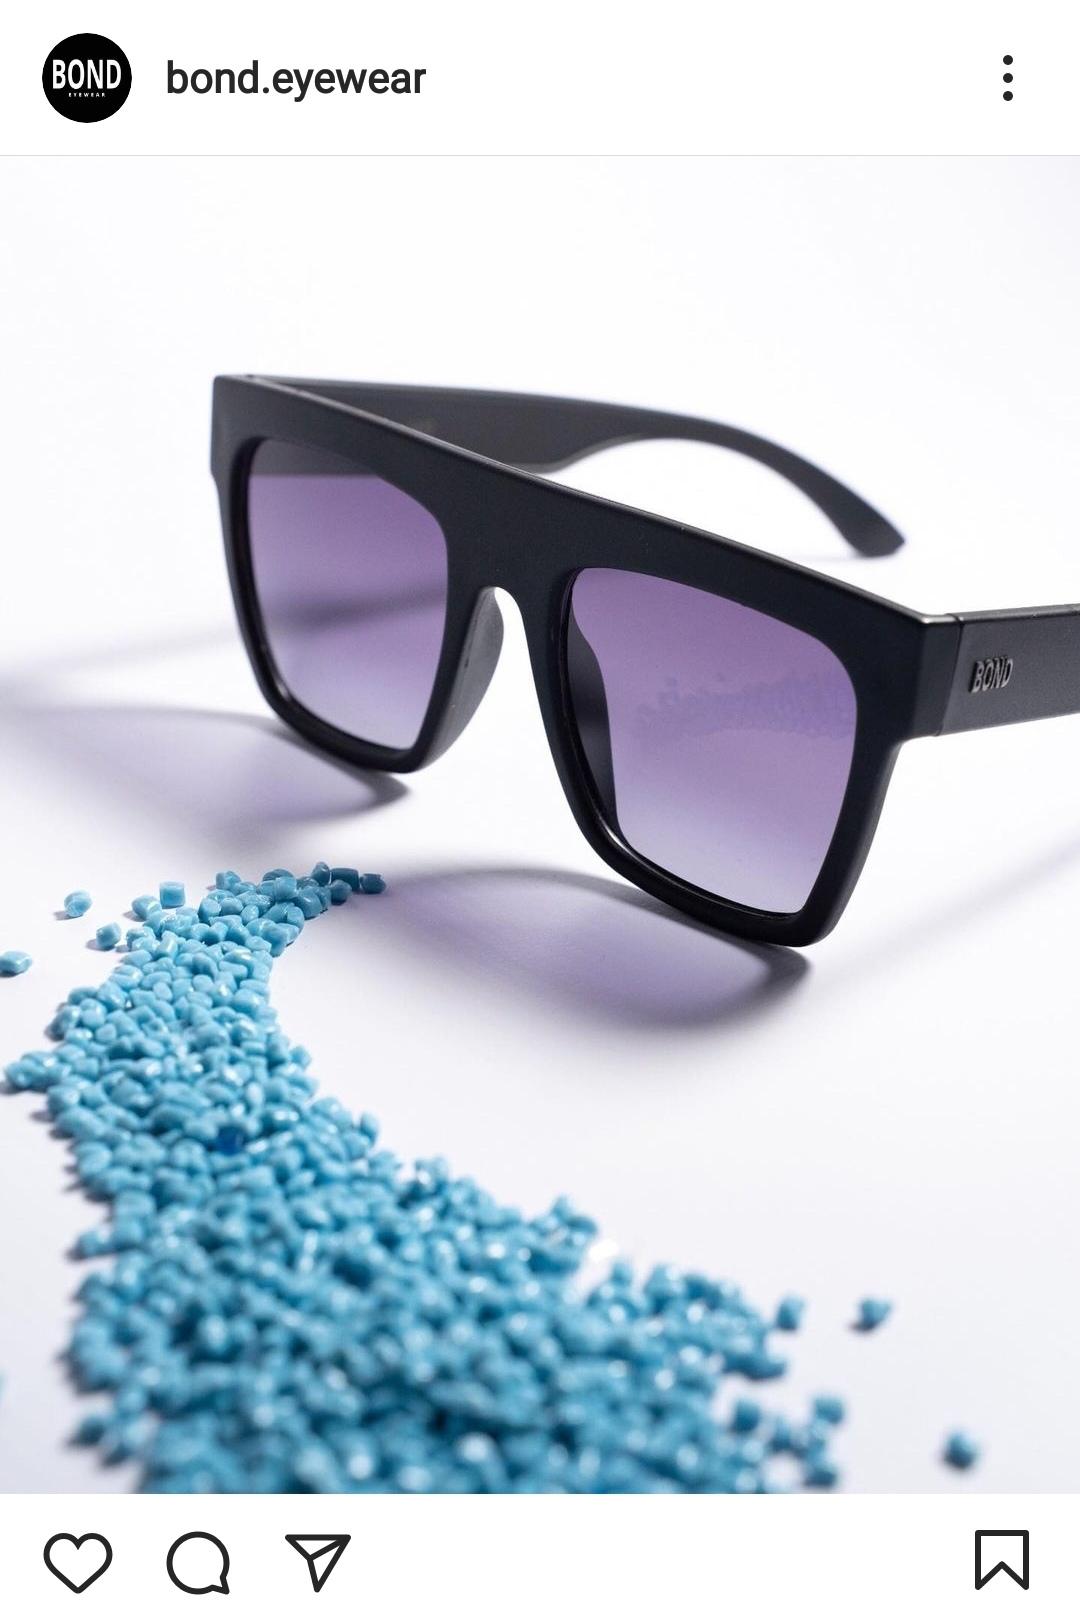 lentes hechos con plasticos recuperados de @bond.eyewear